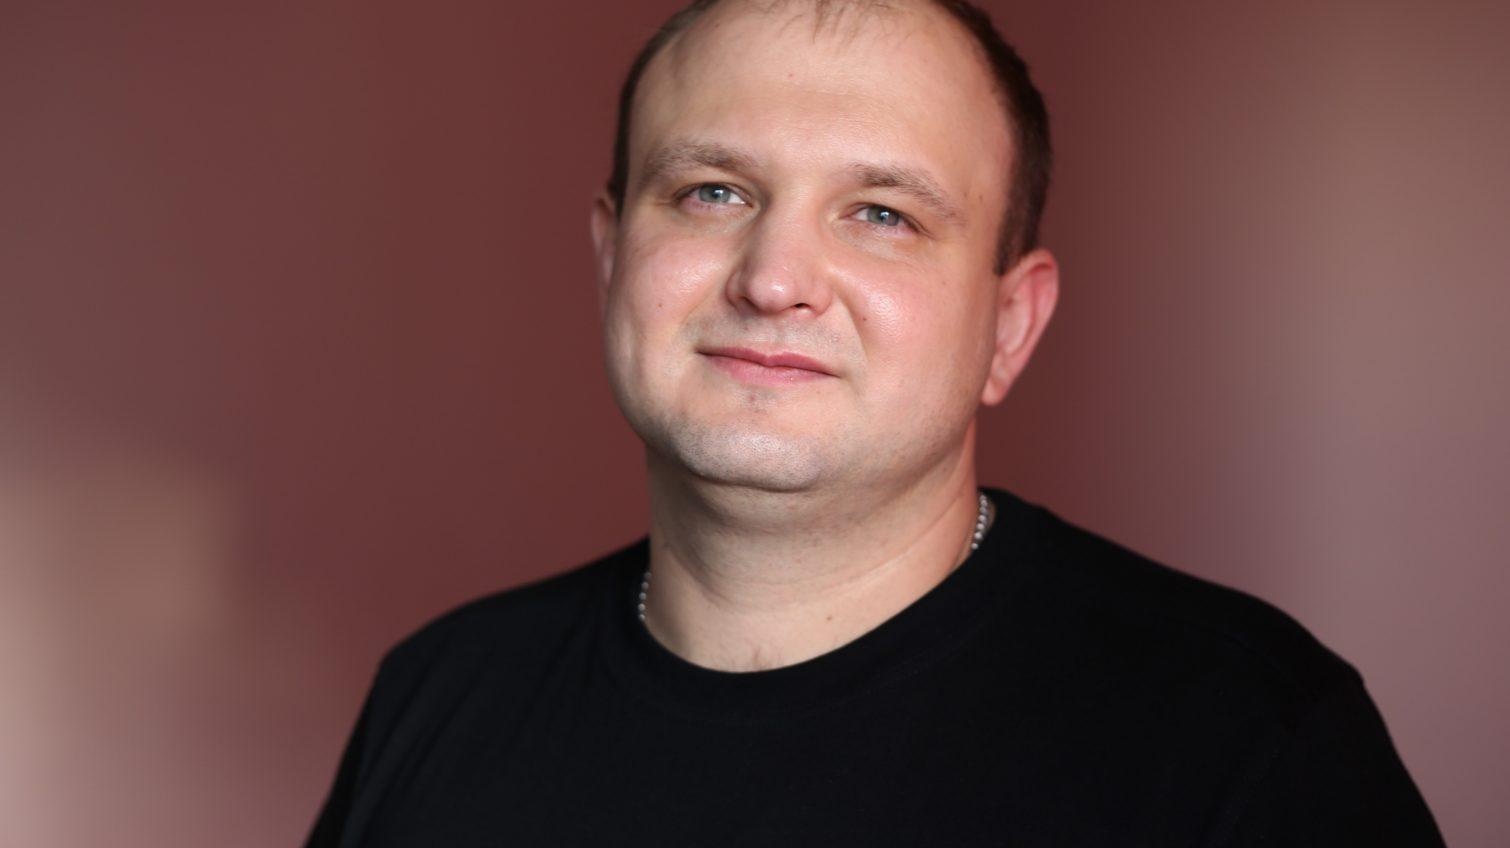 Одесский моряк Юрий Безъязычный – о плене в РФ, письмах американских детей, и том, как выражали неприязнь тюремщики «фото»